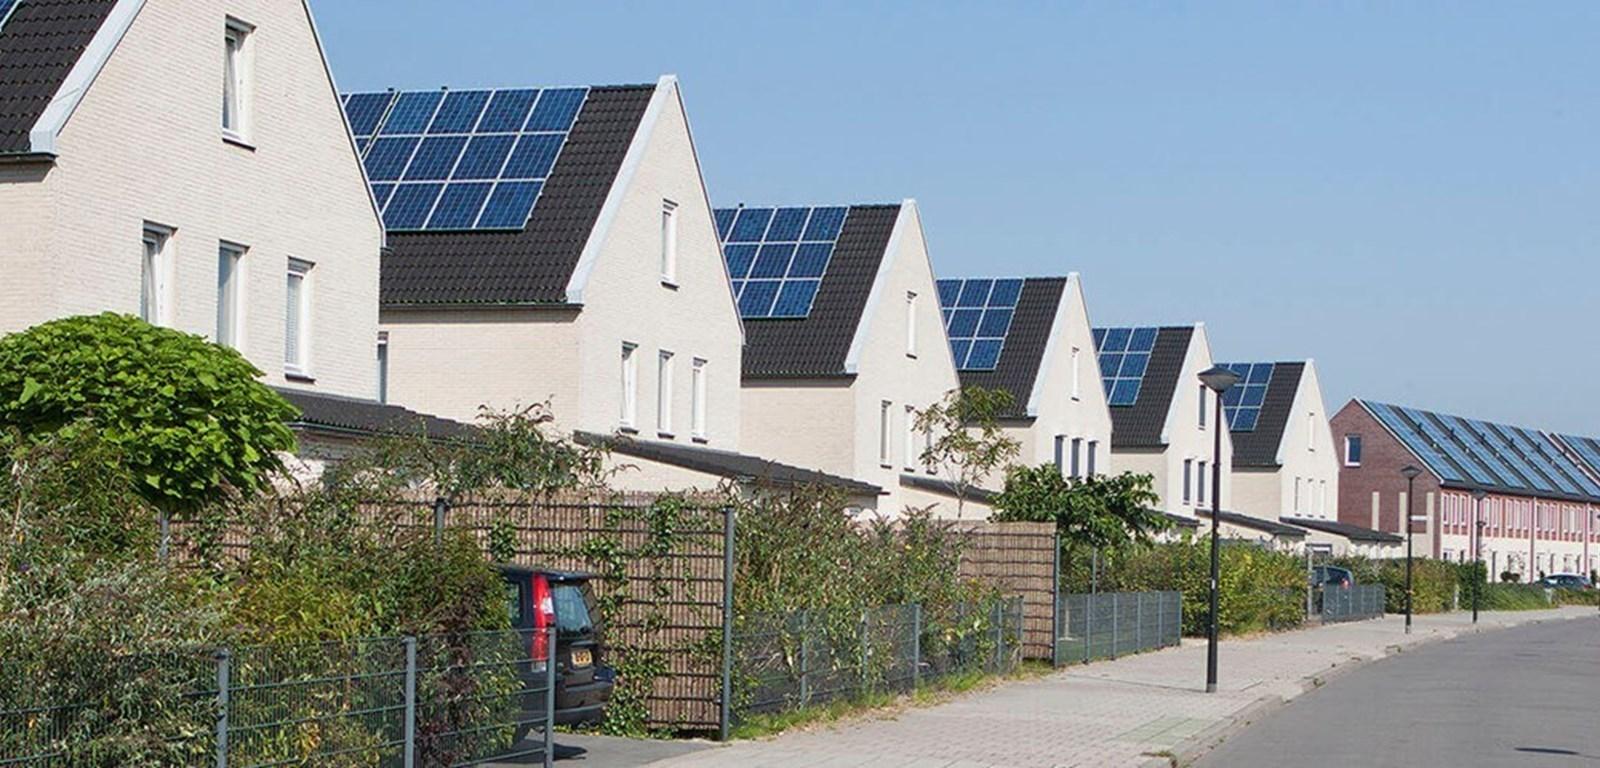 87 procent van de nieuwbouwwoningen in 2020 aardgasvrij opgeleverd